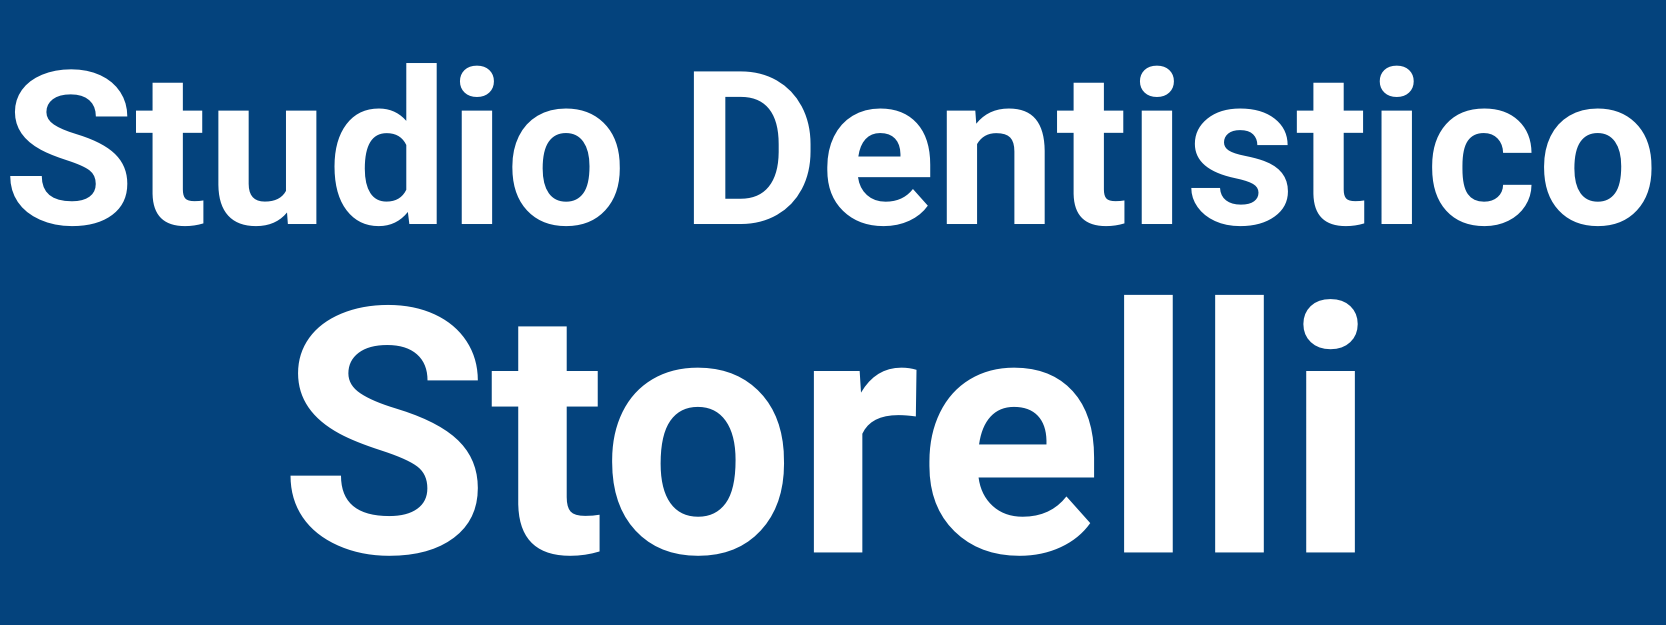 Studio Dentistico Storelli